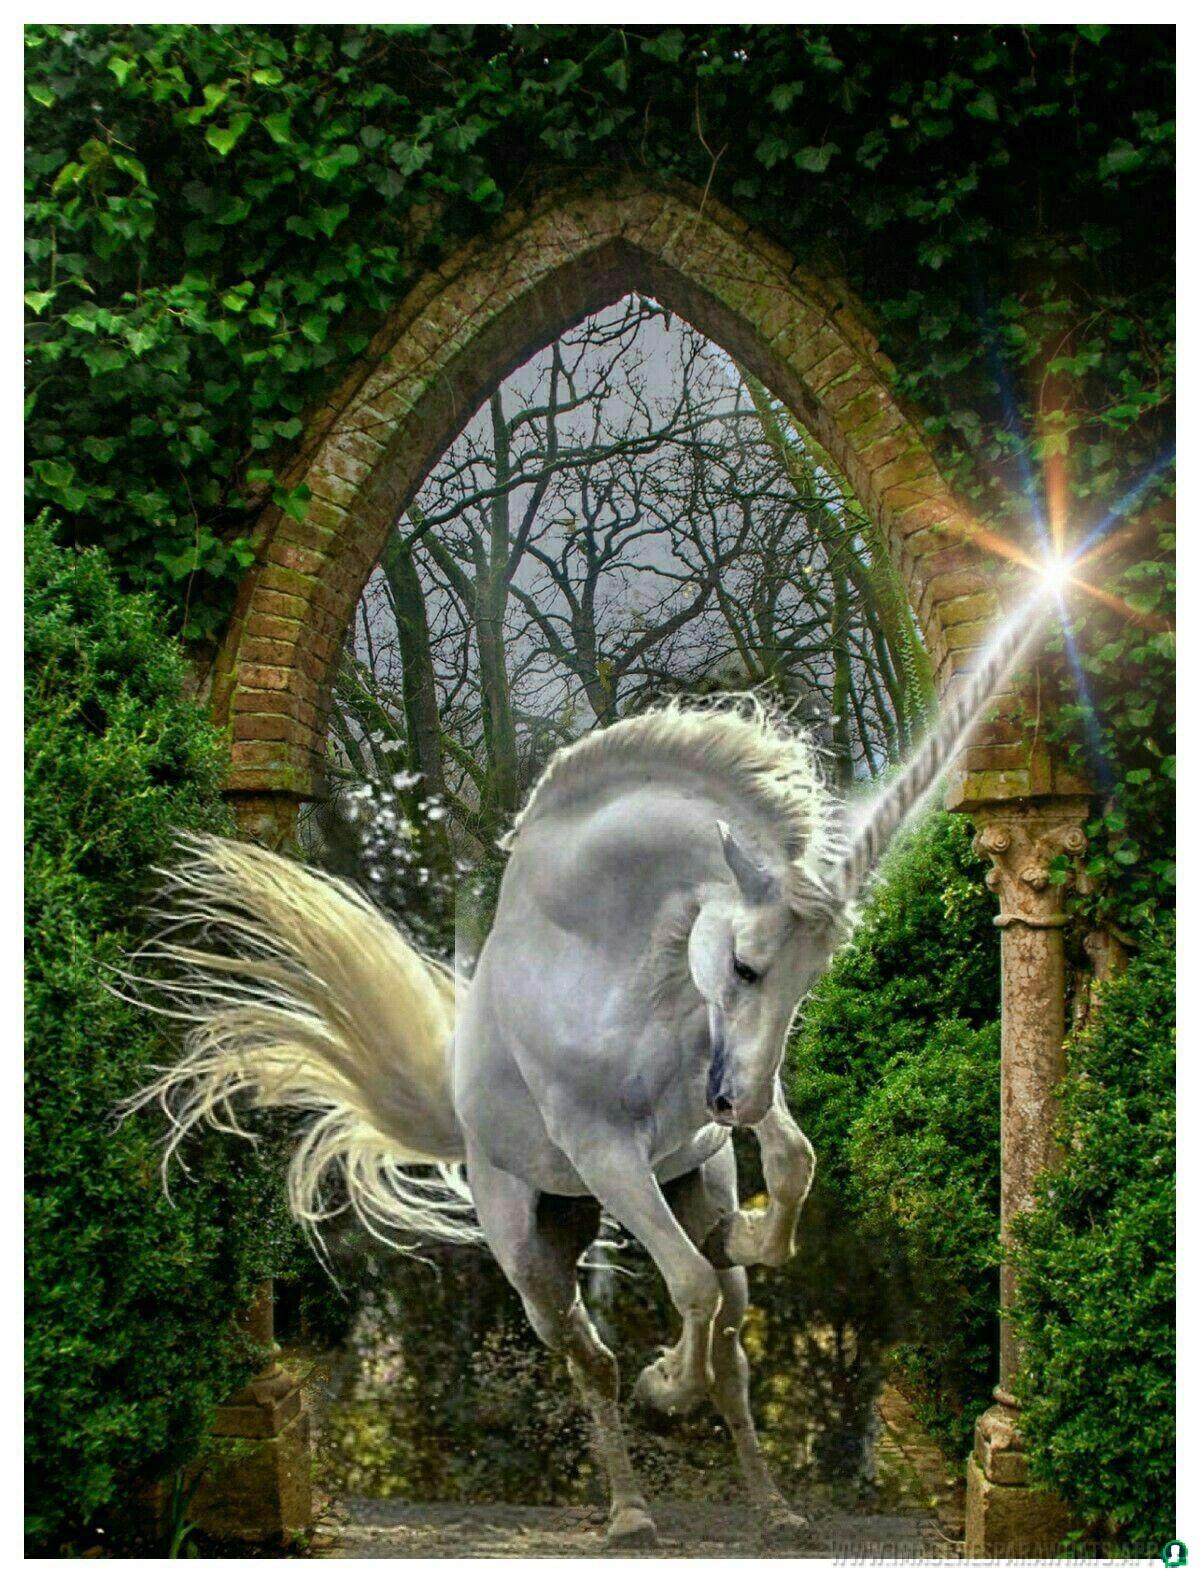 Imagenes-de-unicornios-102